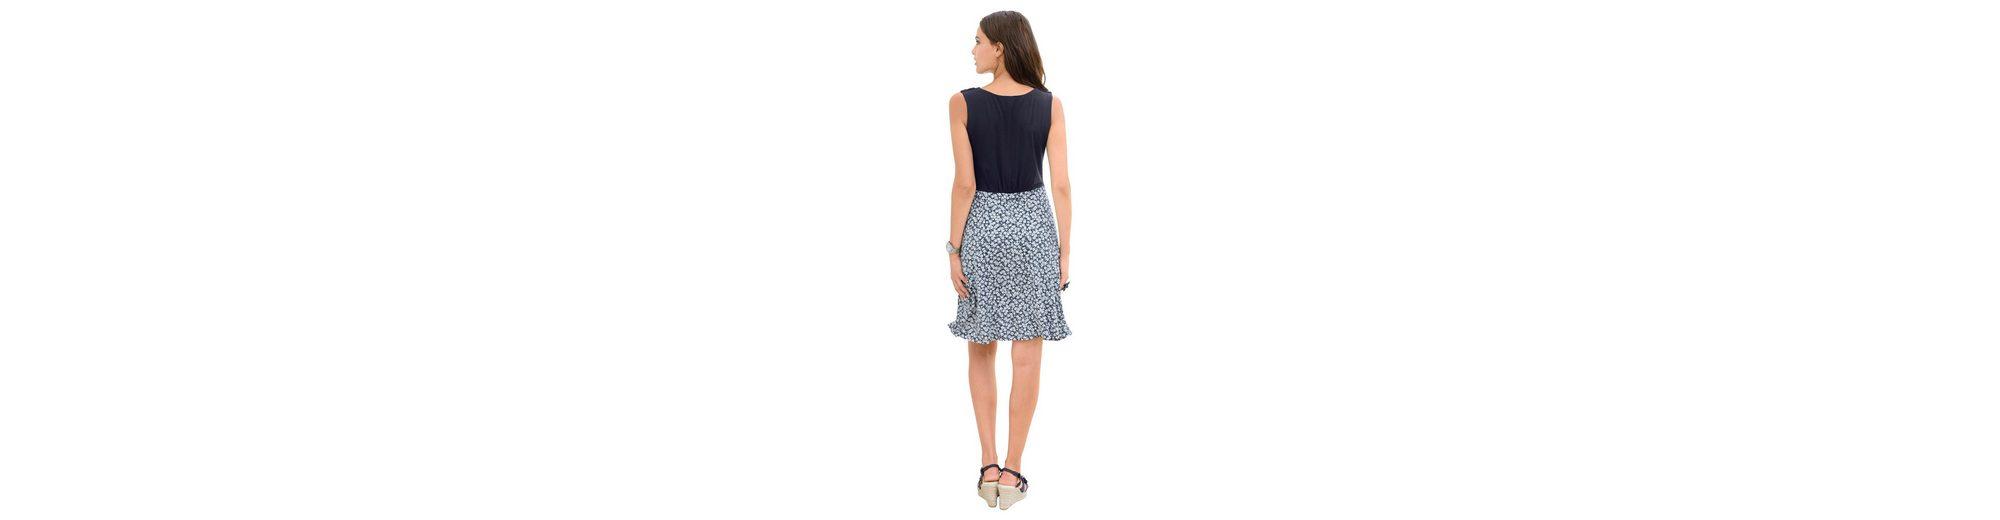 Alba Moda Jerseykleid mit kleinem Blumendruck Spielraum Neuesten Kollektionen Gut Verkaufen Spielraum Bestellen bHSCI6cxJA